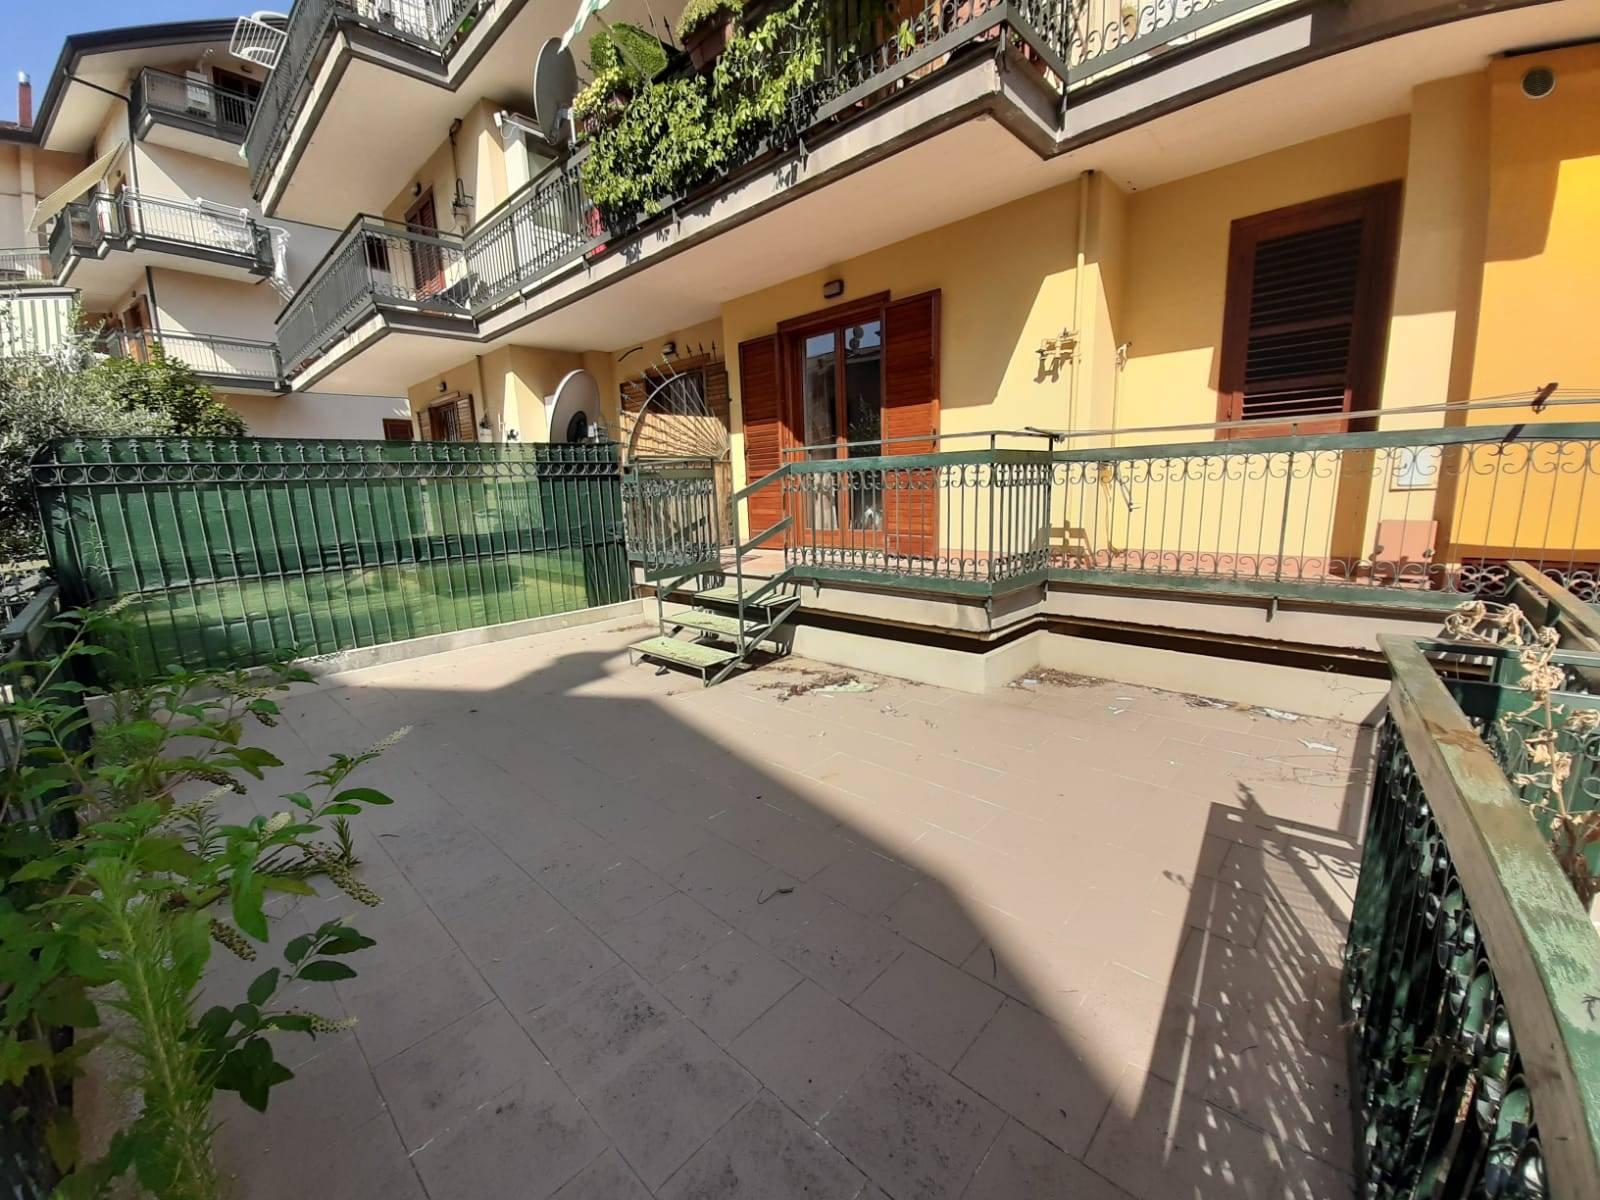 Appartamento in vendita a Mercogliano, 3 locali, zona Zona: Torrette, prezzo € 135.000 | CambioCasa.it